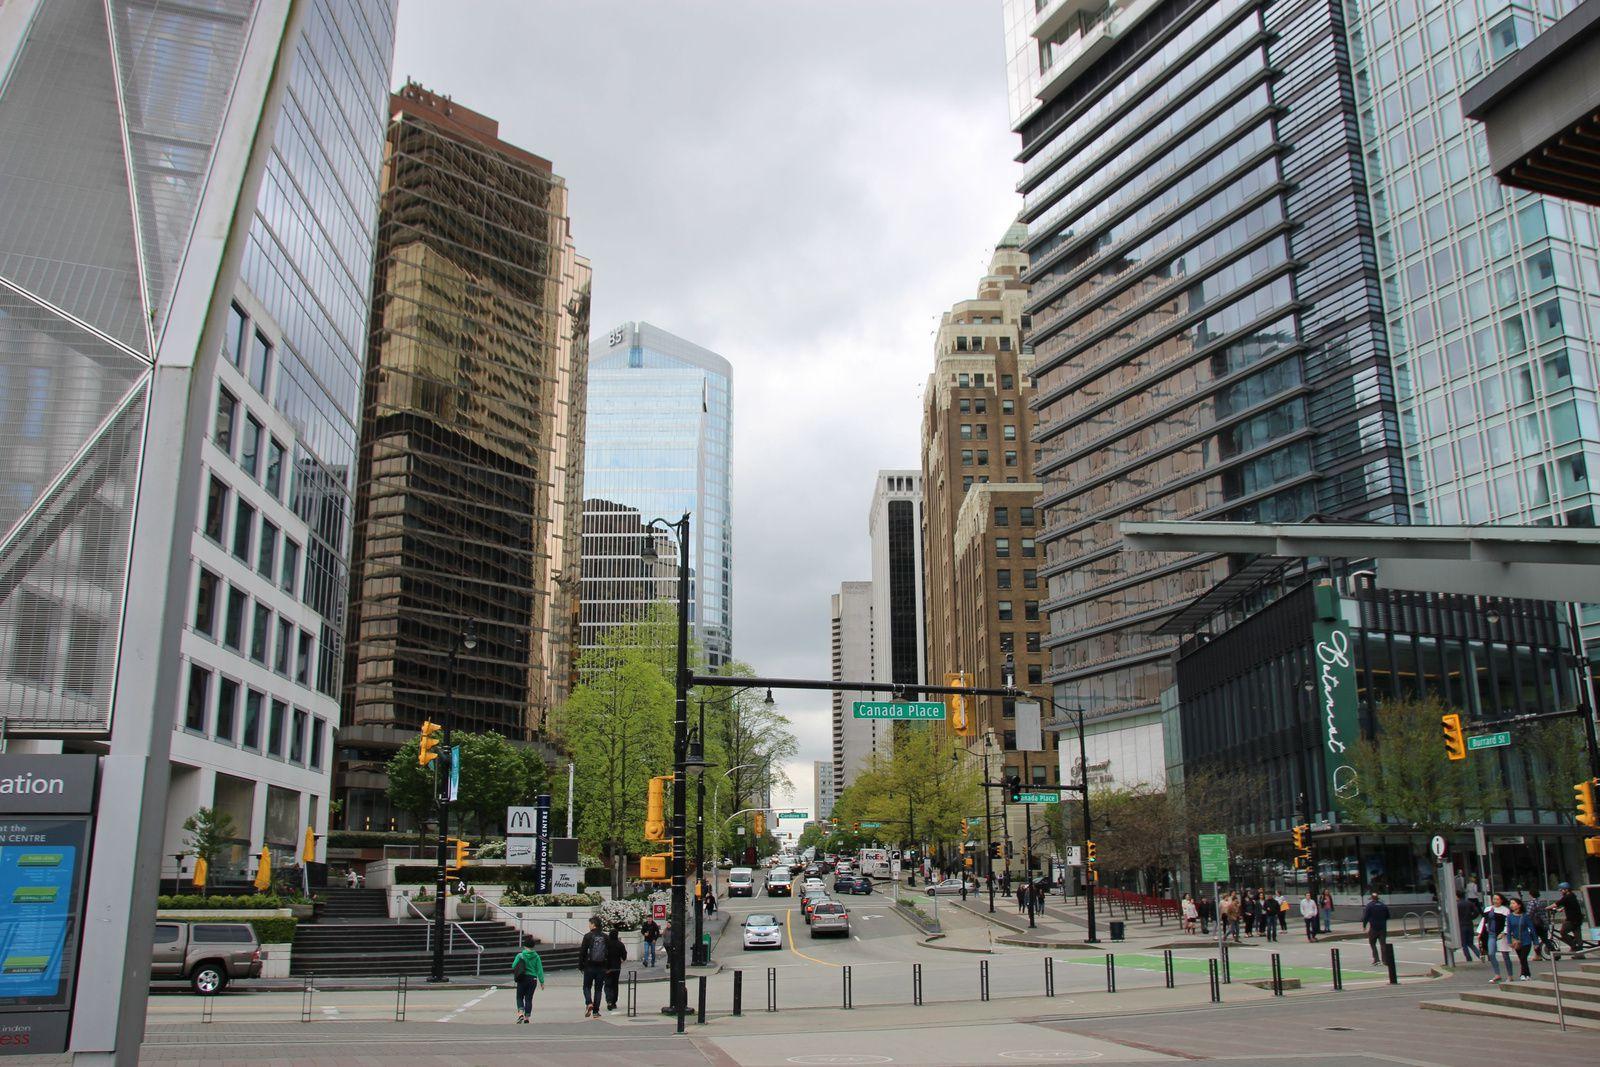 Canada Place, Vancouver Lookout et shopping à Downtown